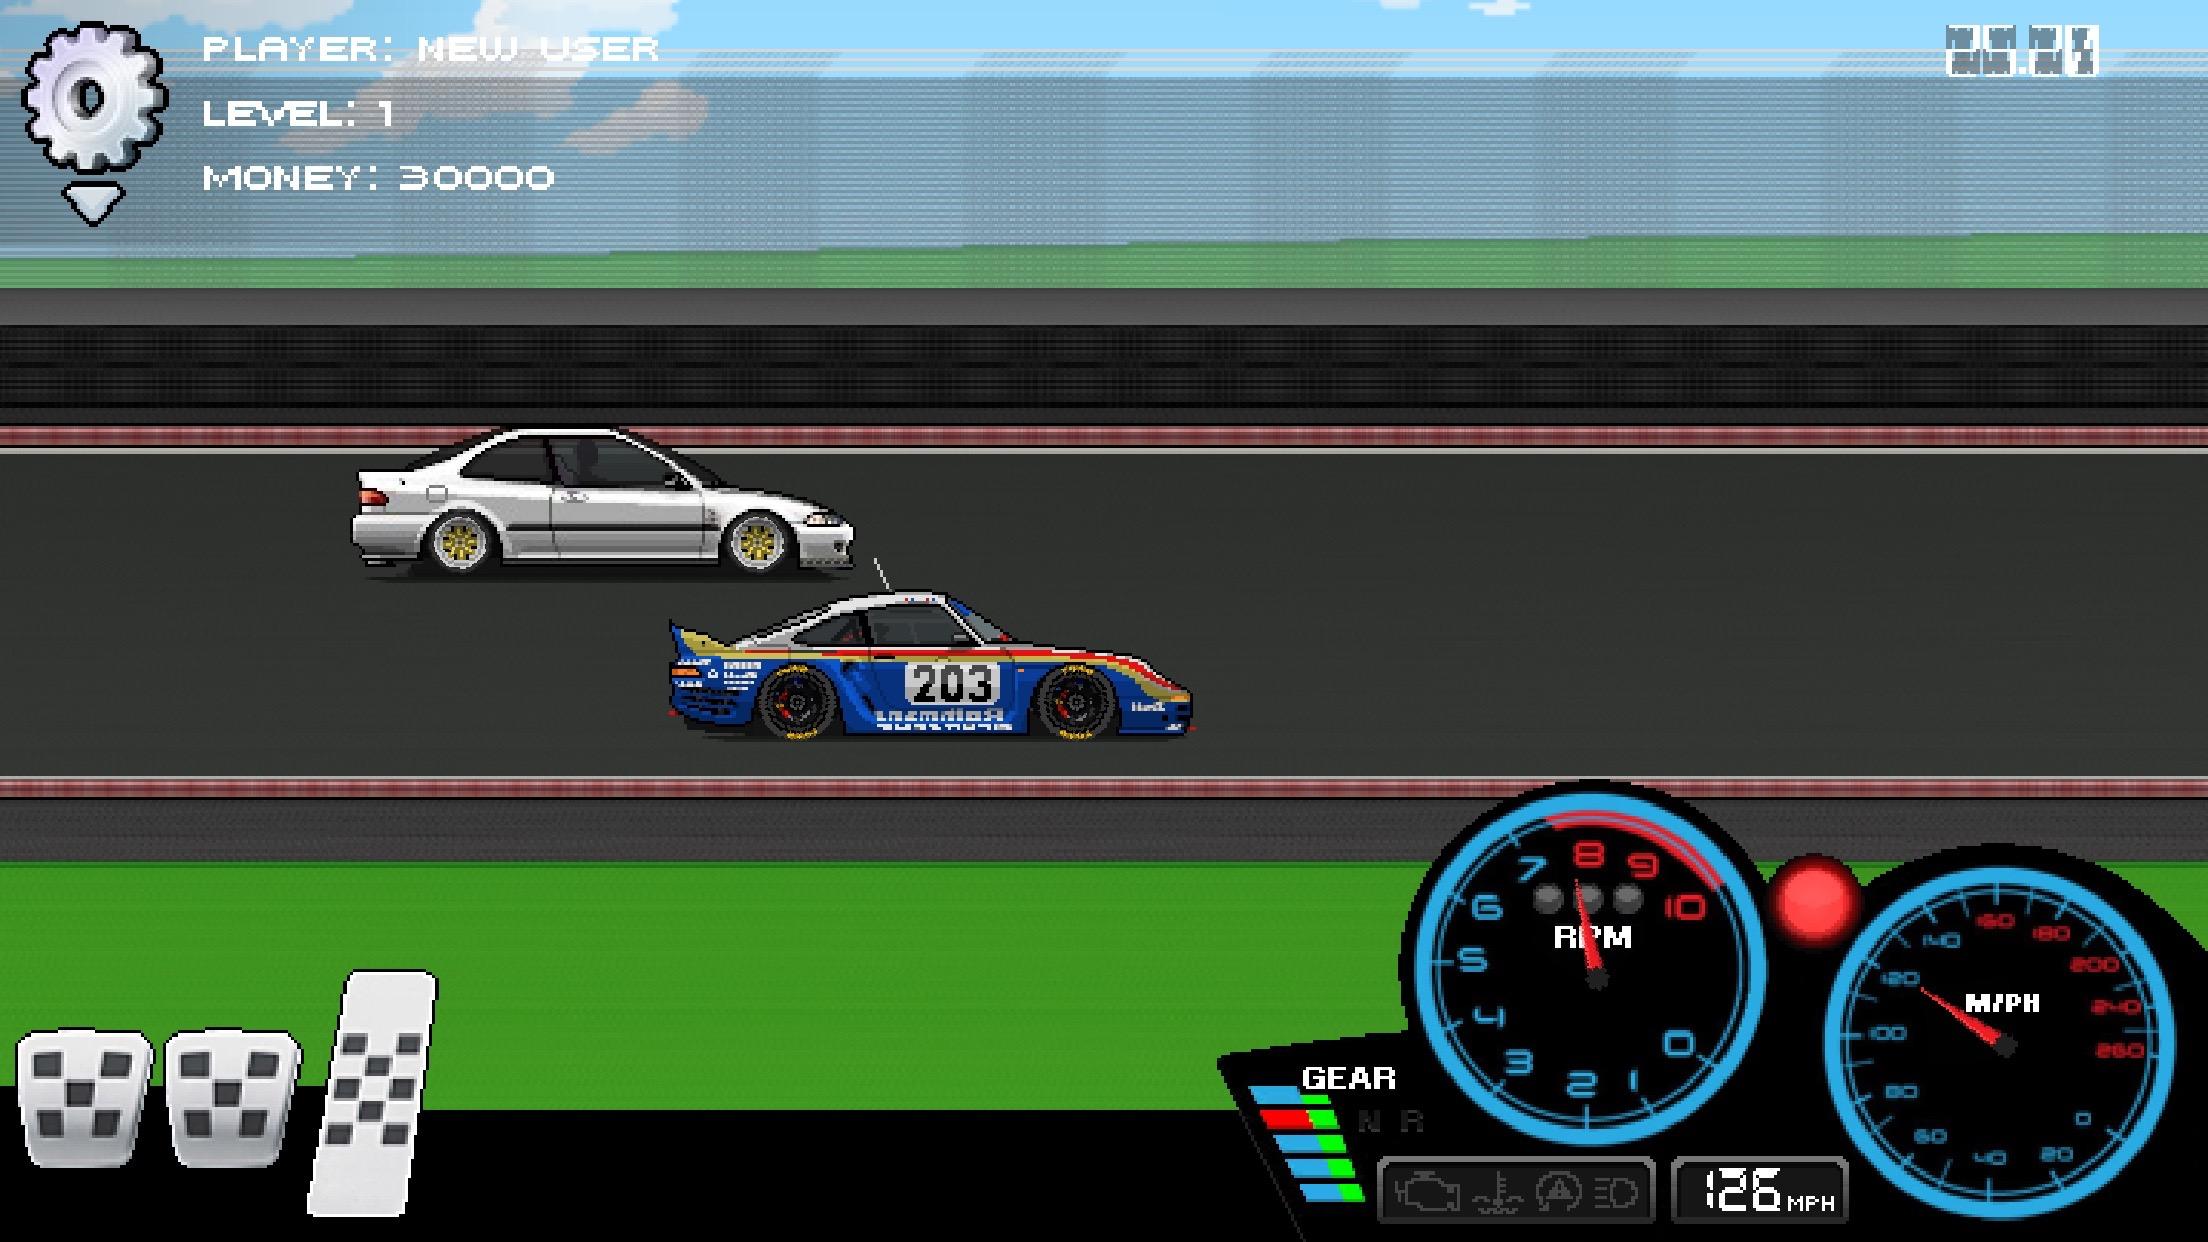 pixel car racer много денег